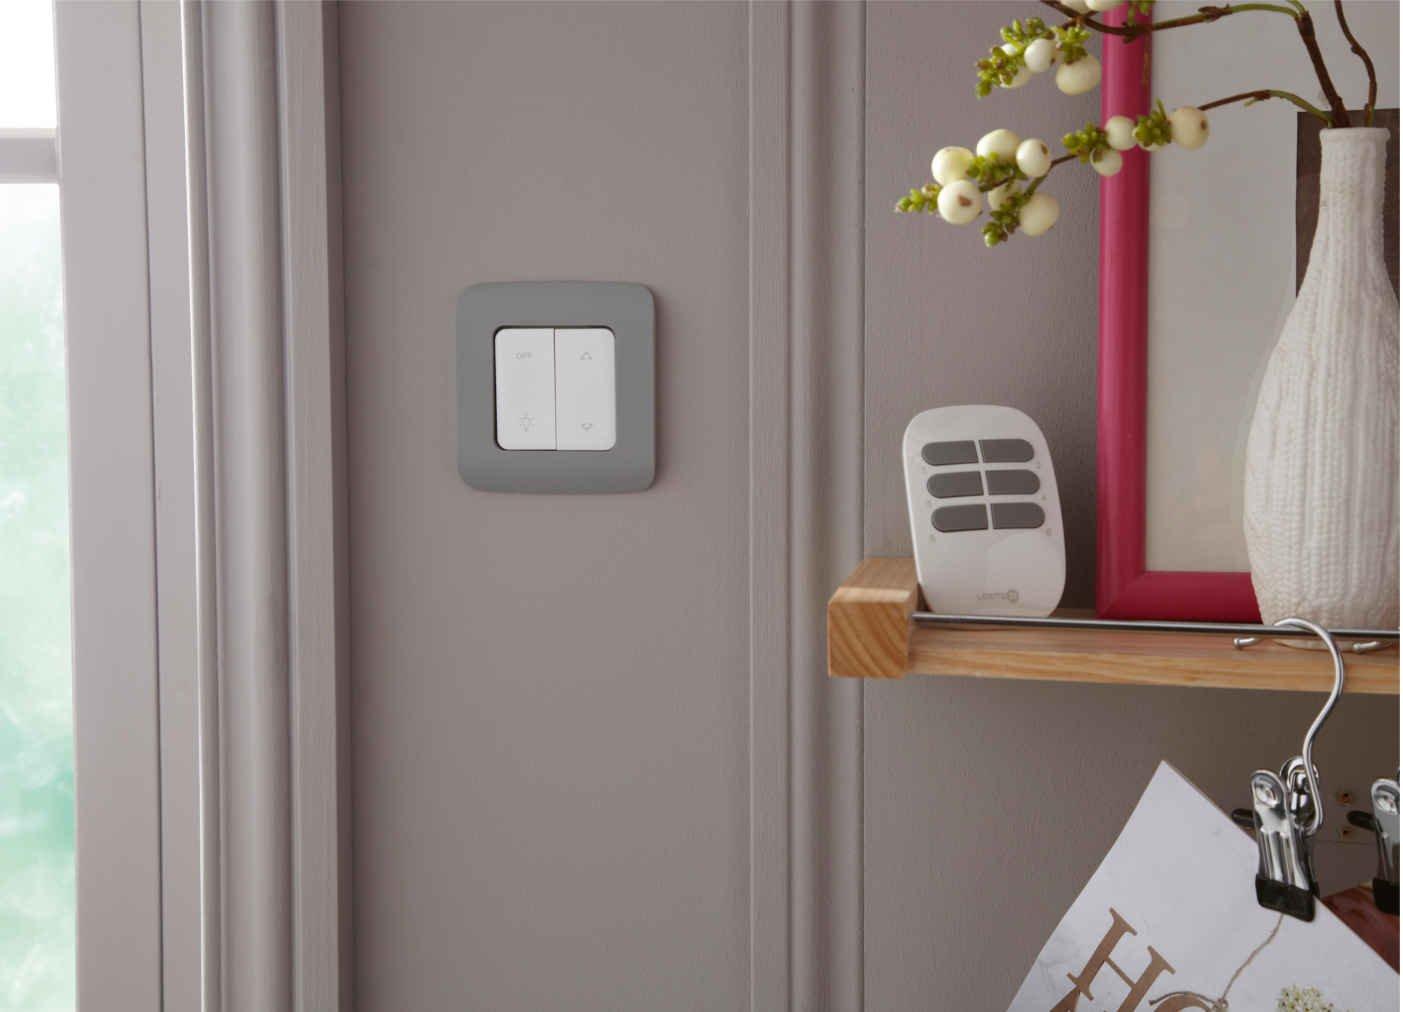 comment poser une prise c3 a9lectrique sur un interrupteur. Black Bedroom Furniture Sets. Home Design Ideas